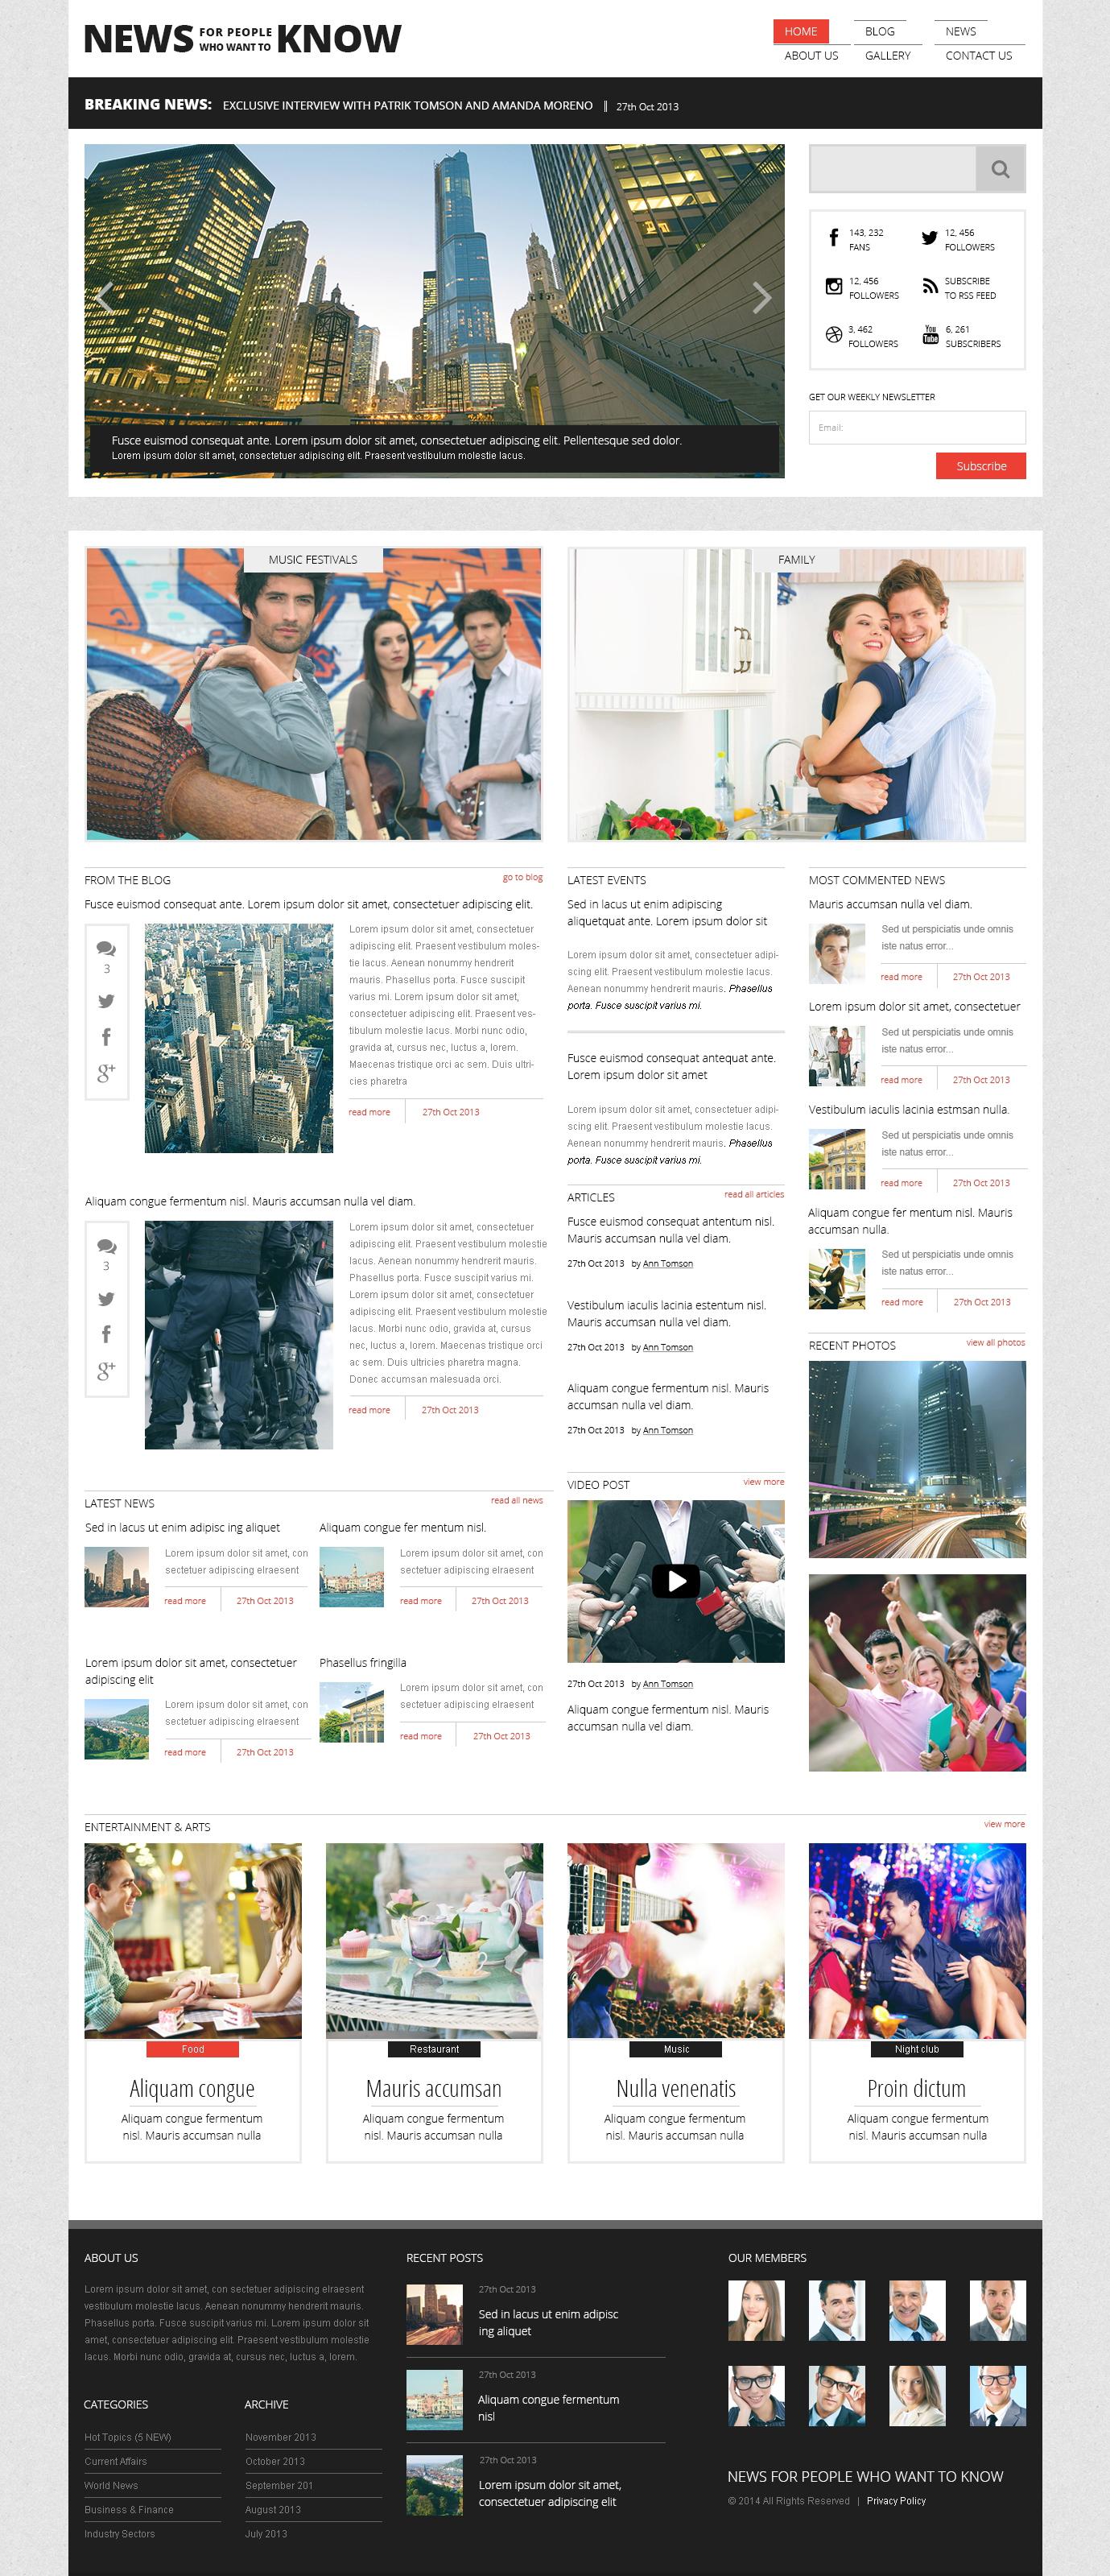 Reszponzív Hírportál WordPress sablon 47781 - képernyőkép